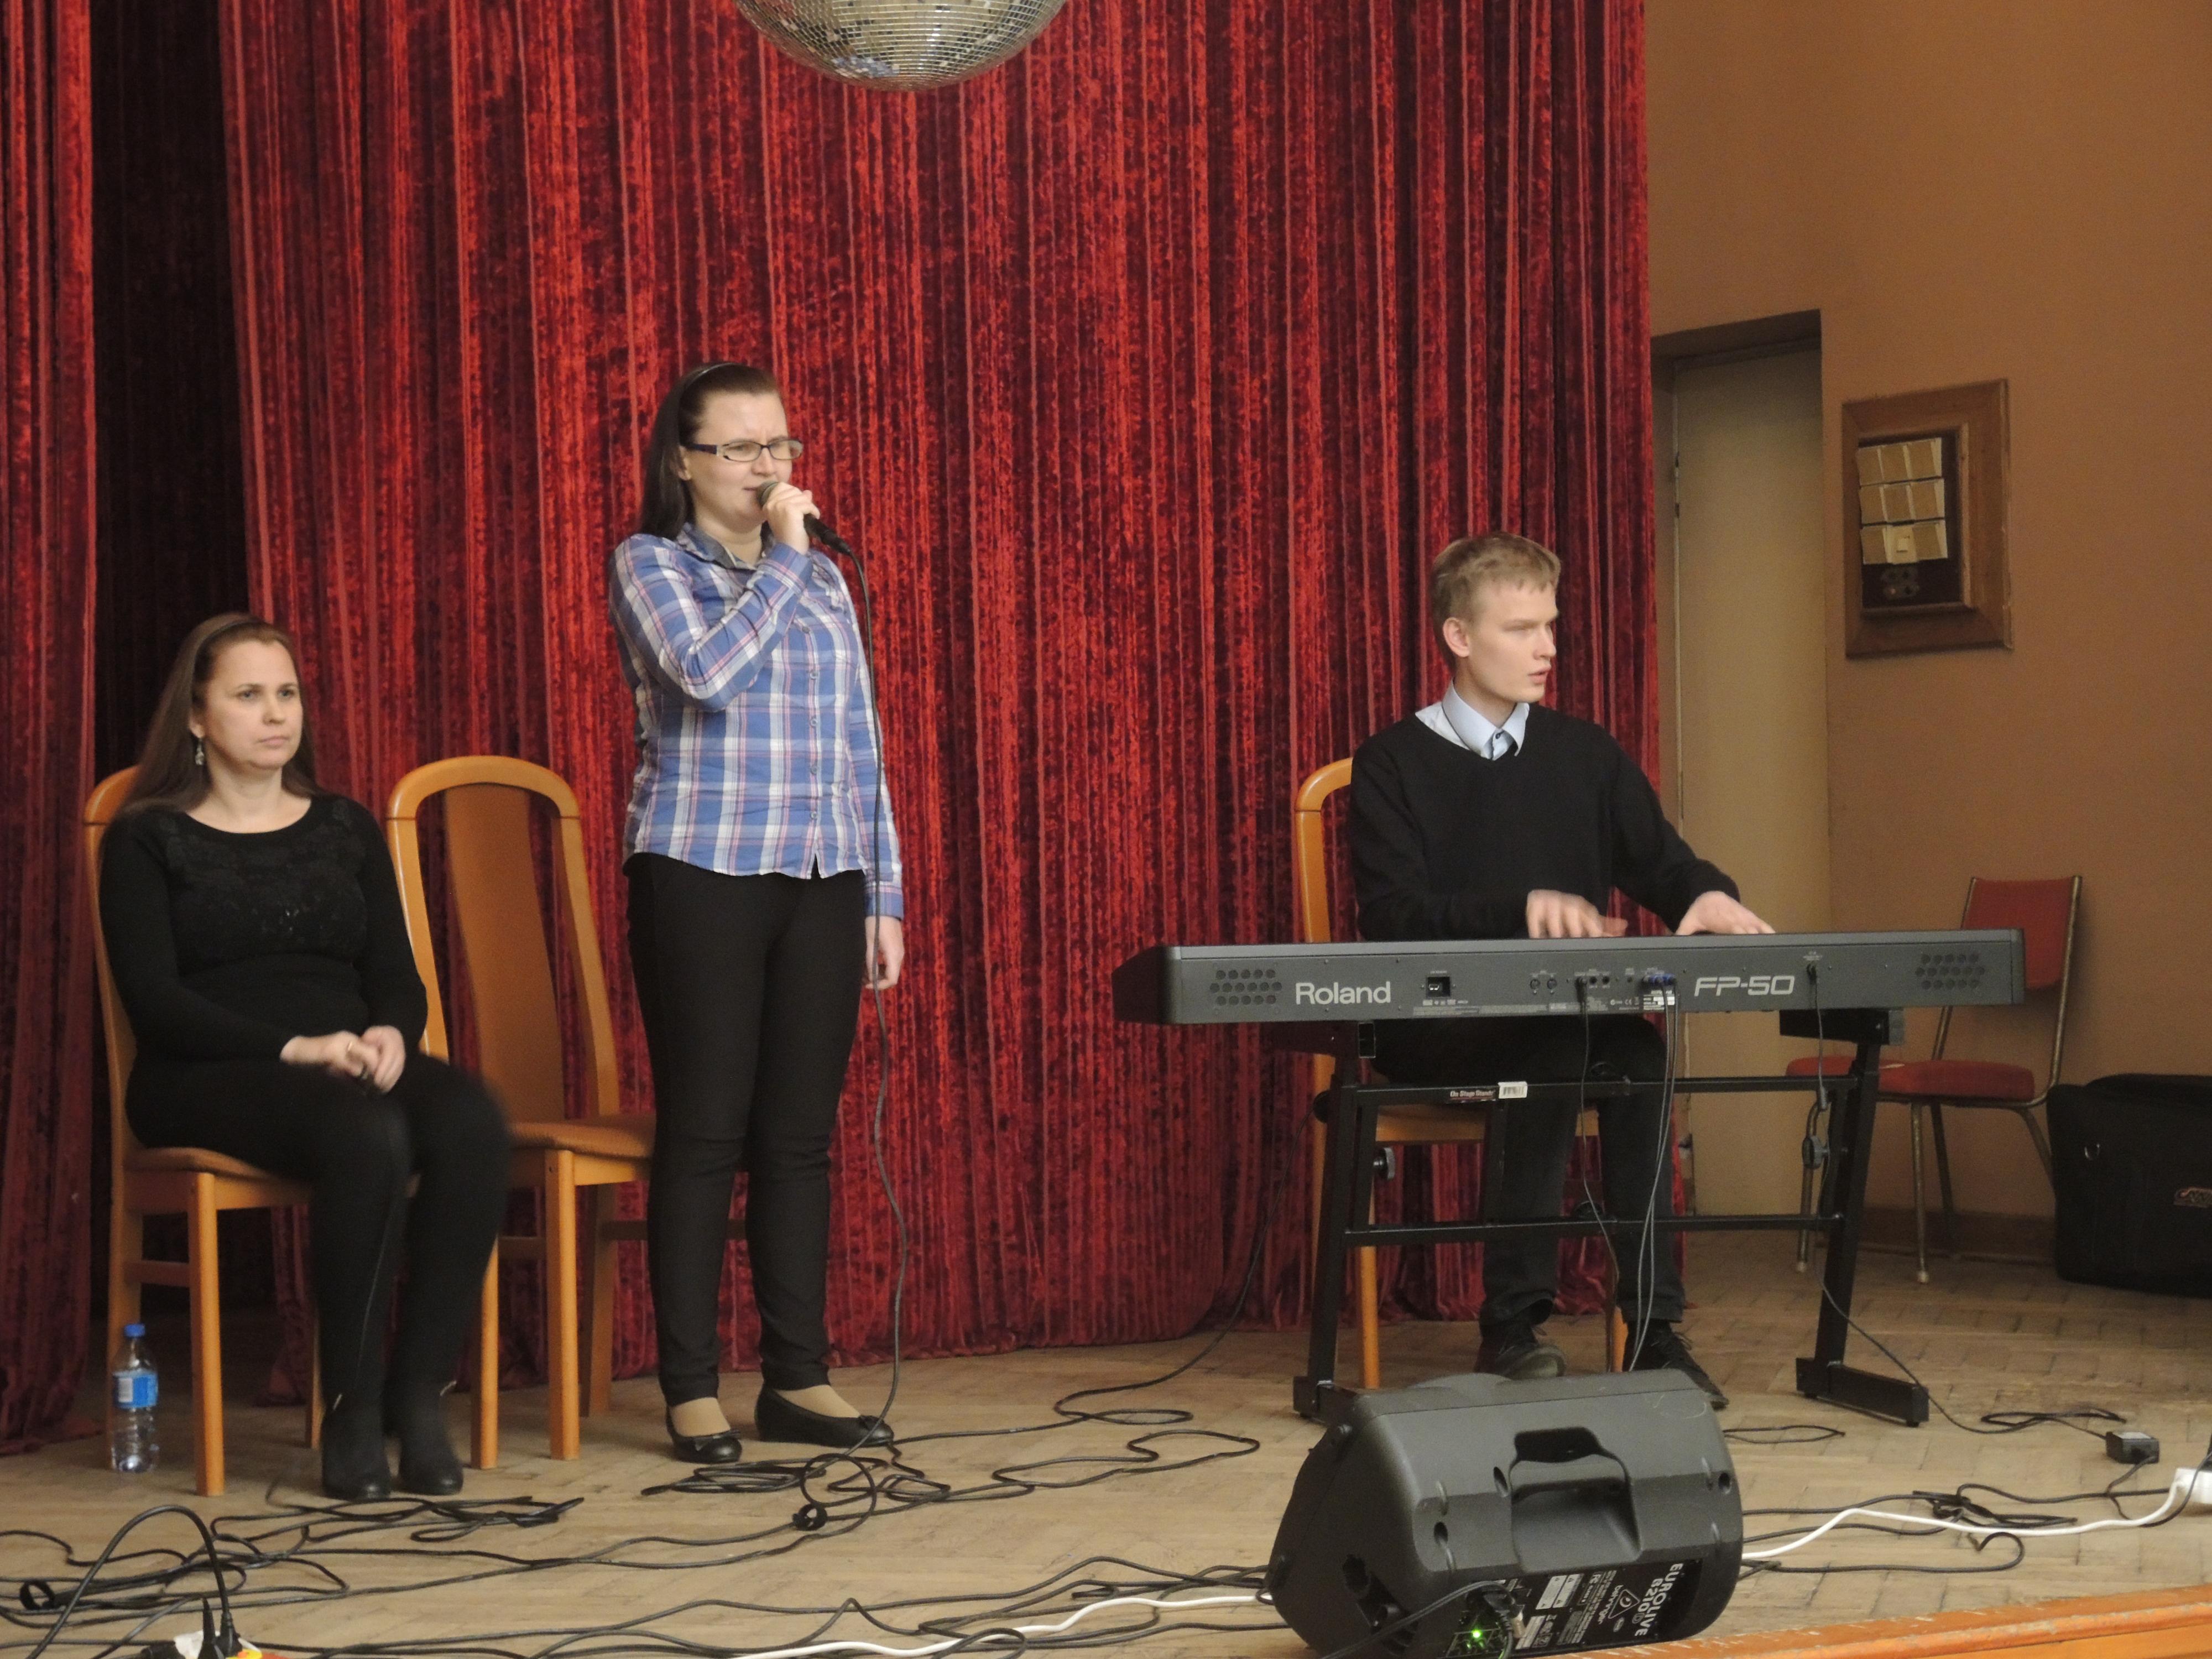 Na zdjęciu znajdują się trzy osoby. Mężczyzna gra na klawiszach, a po jego prawej stronie znajdują się dwie kobiety. Jedna stoi, śpiewa, a druga siedzi na krześle.